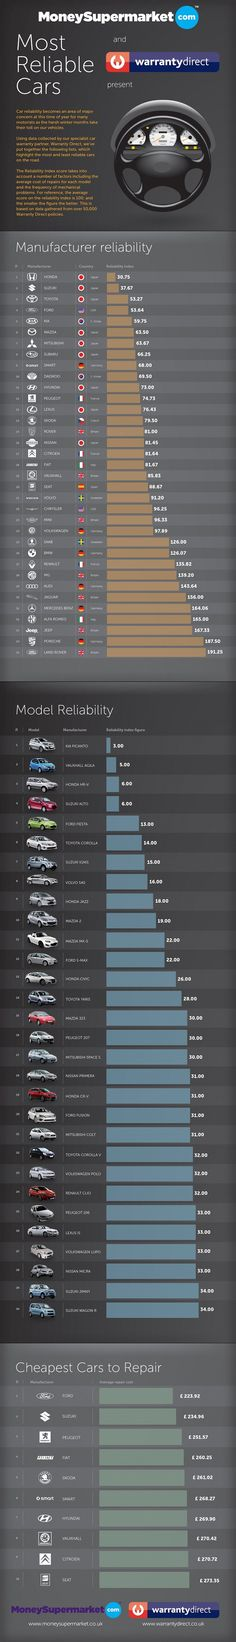 믿고 탈만한 자동차, 수리비가 싼 자동차 고르는 법(Most Reliable Cars) 본 포스트는 Cool Infographics에 게재 된 내용이며, 절대 Doctor Grimm이 제작하거나 인터뷰 한 것이 아닙니다. SNS를 통한 공유 및 자세..